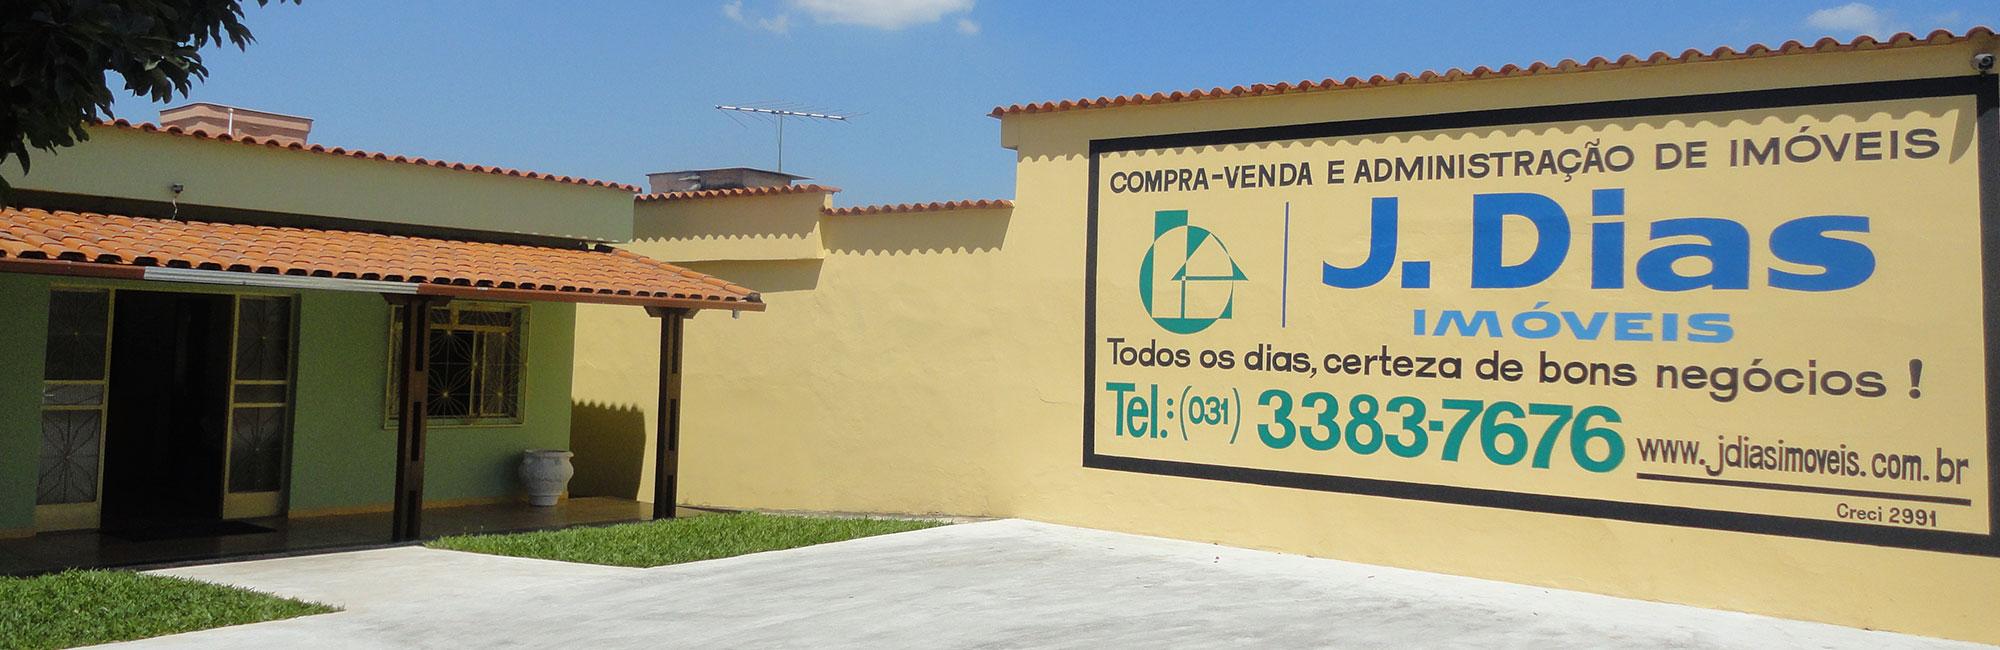 J Dias 1